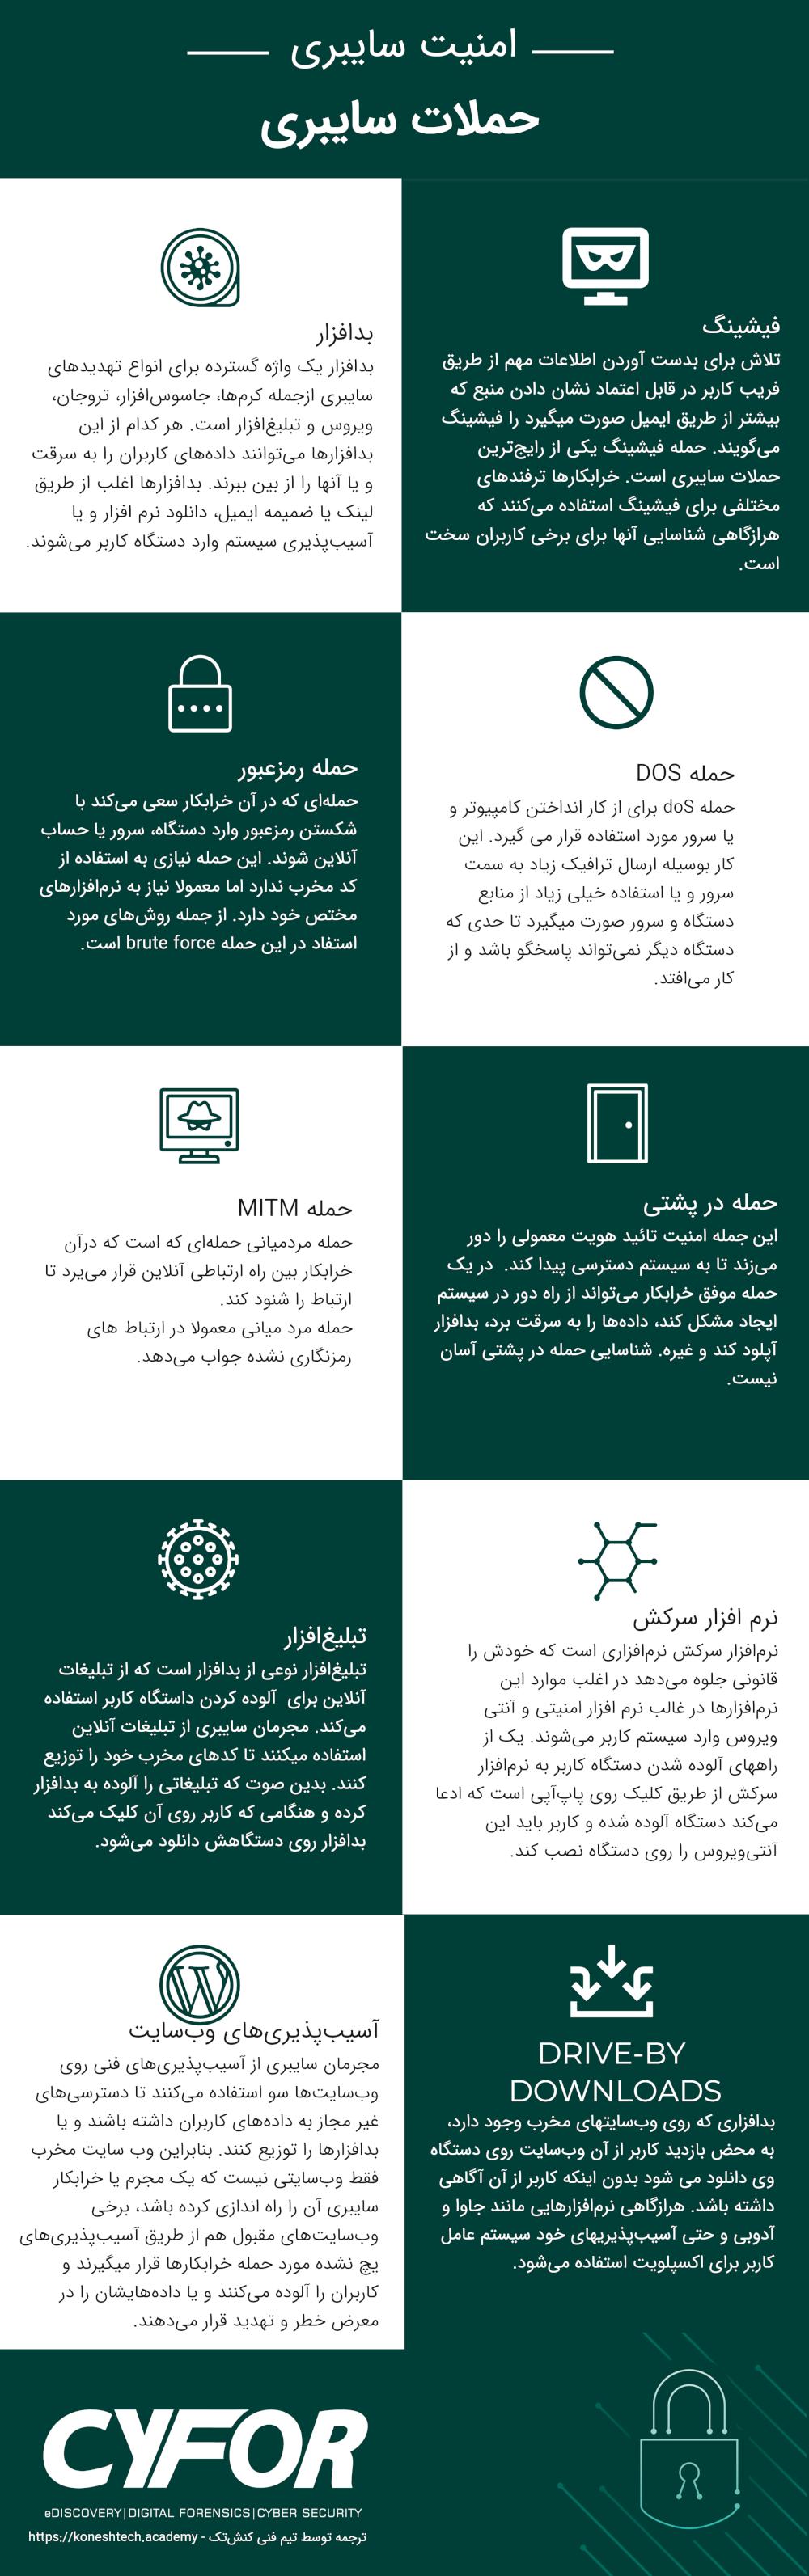 اینفوگرافیک حملههای سایبری